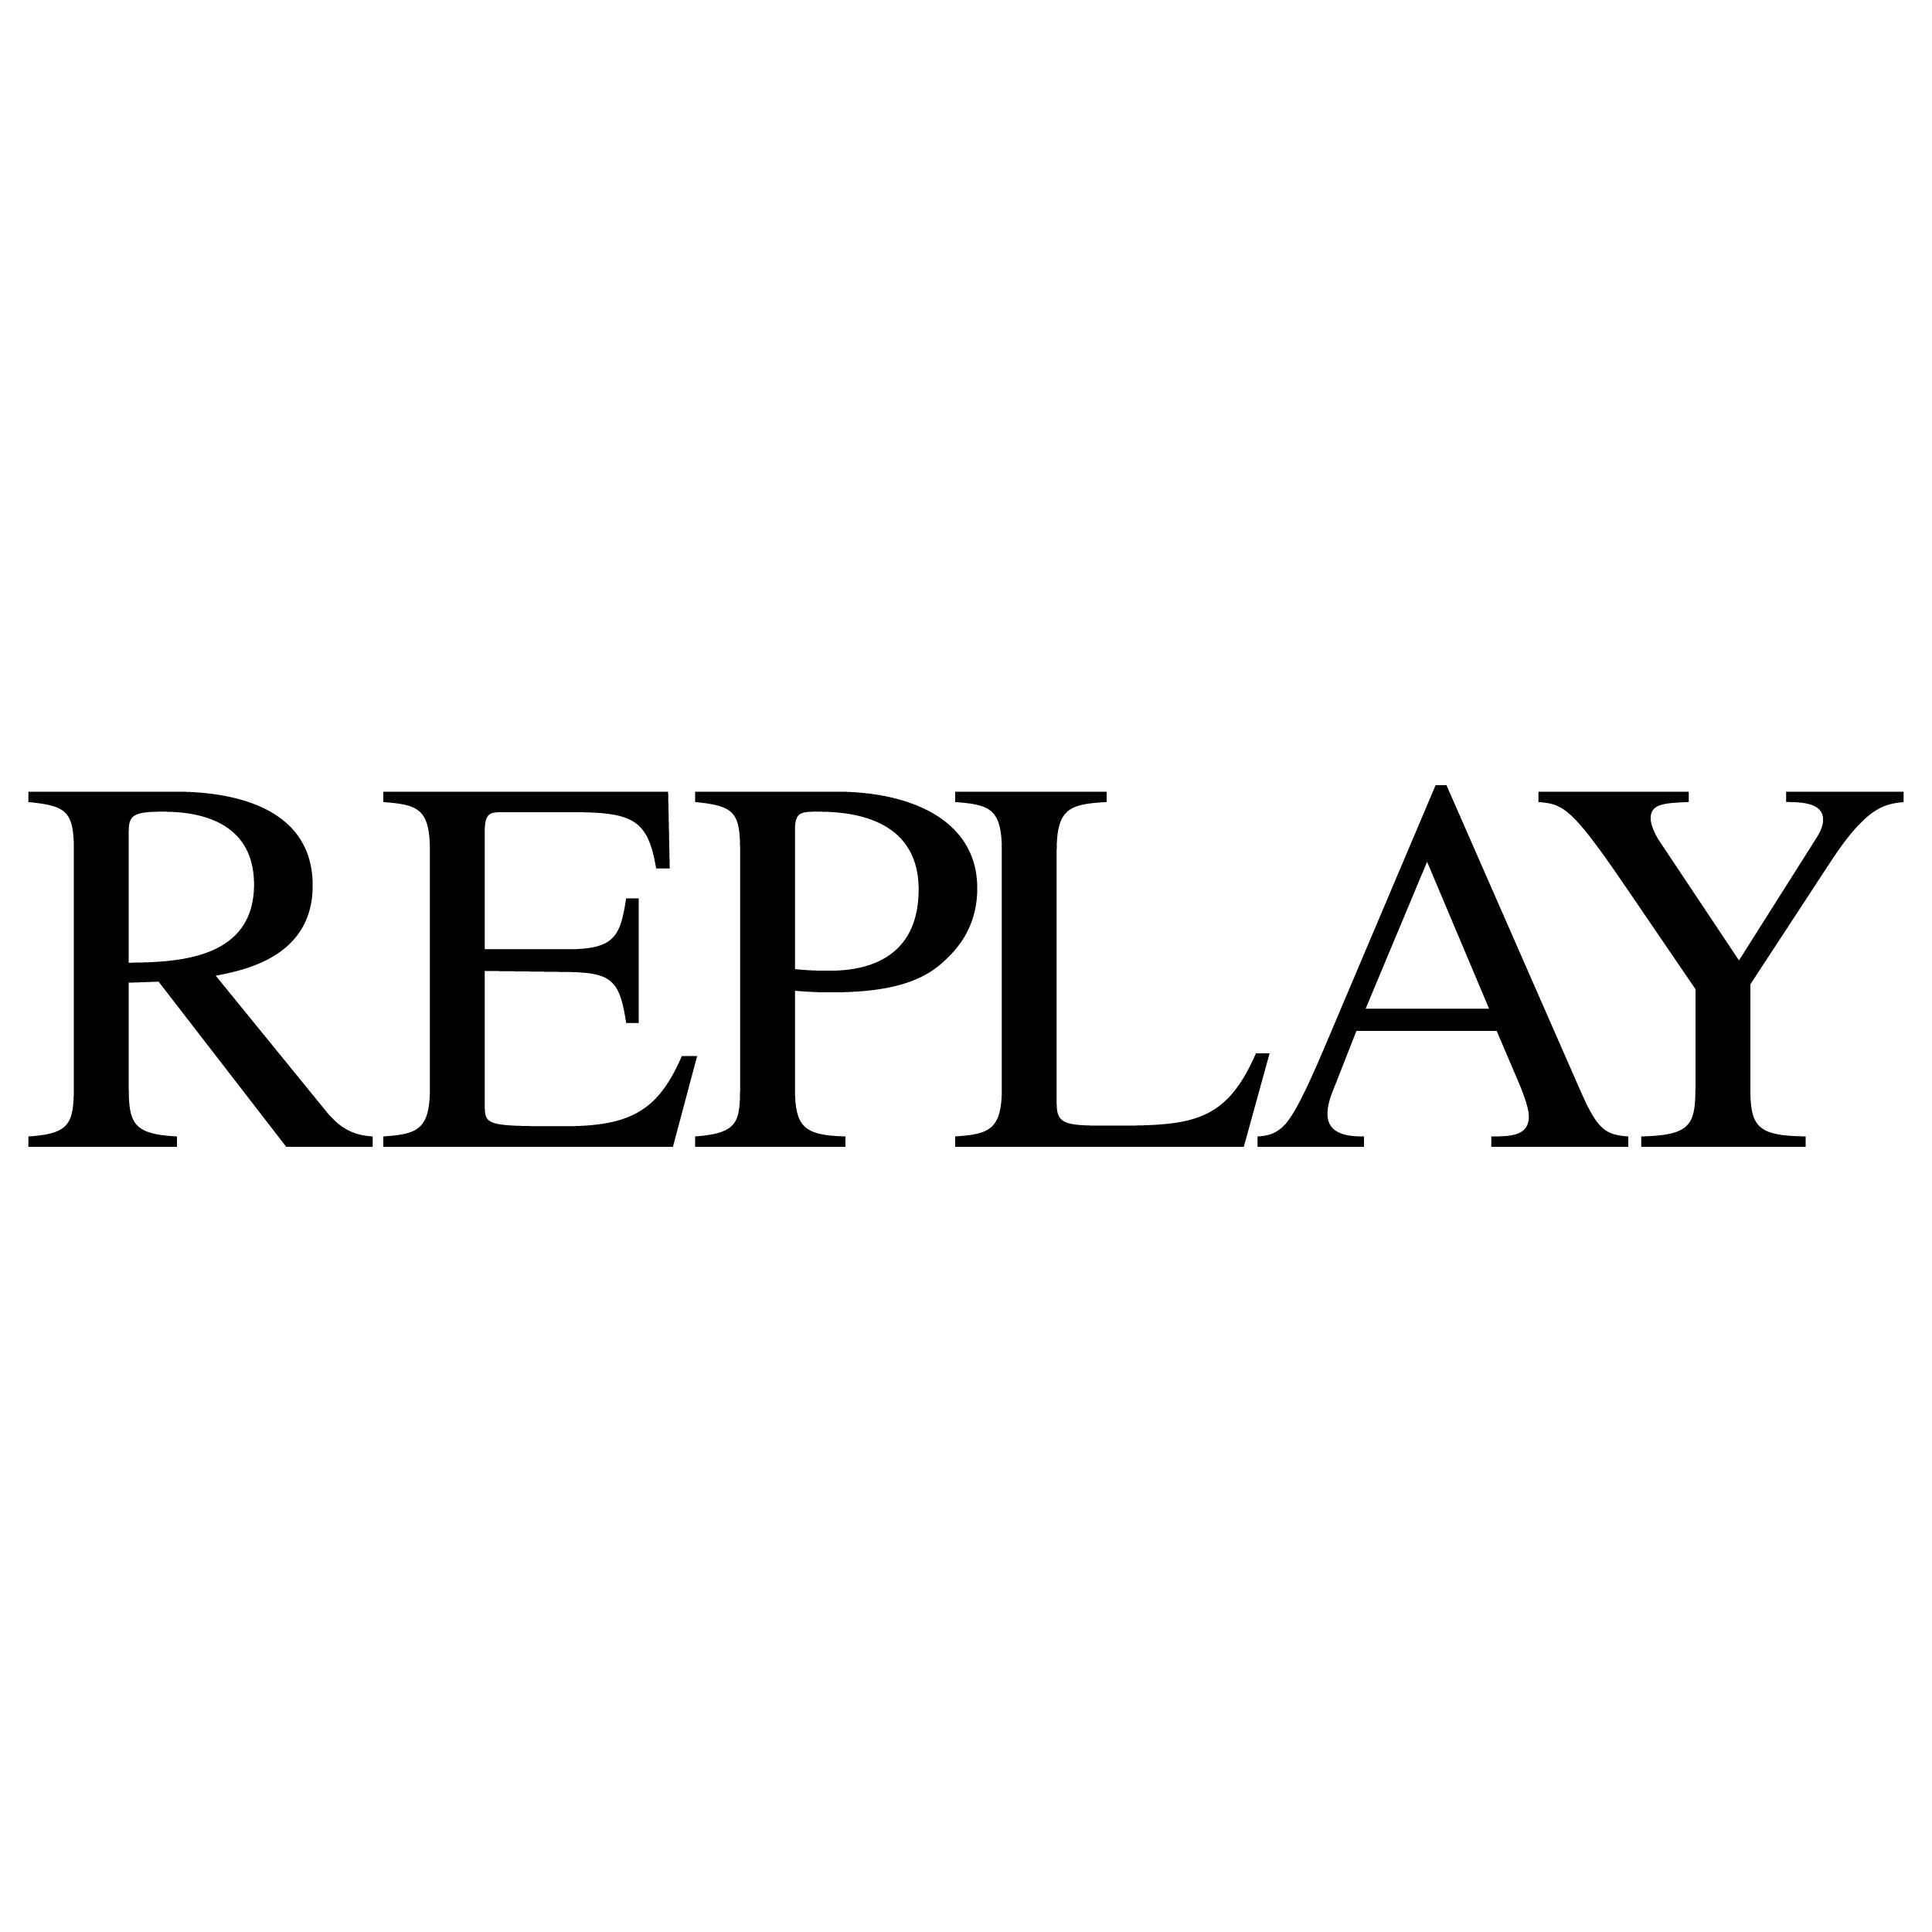 replay-1.jpg